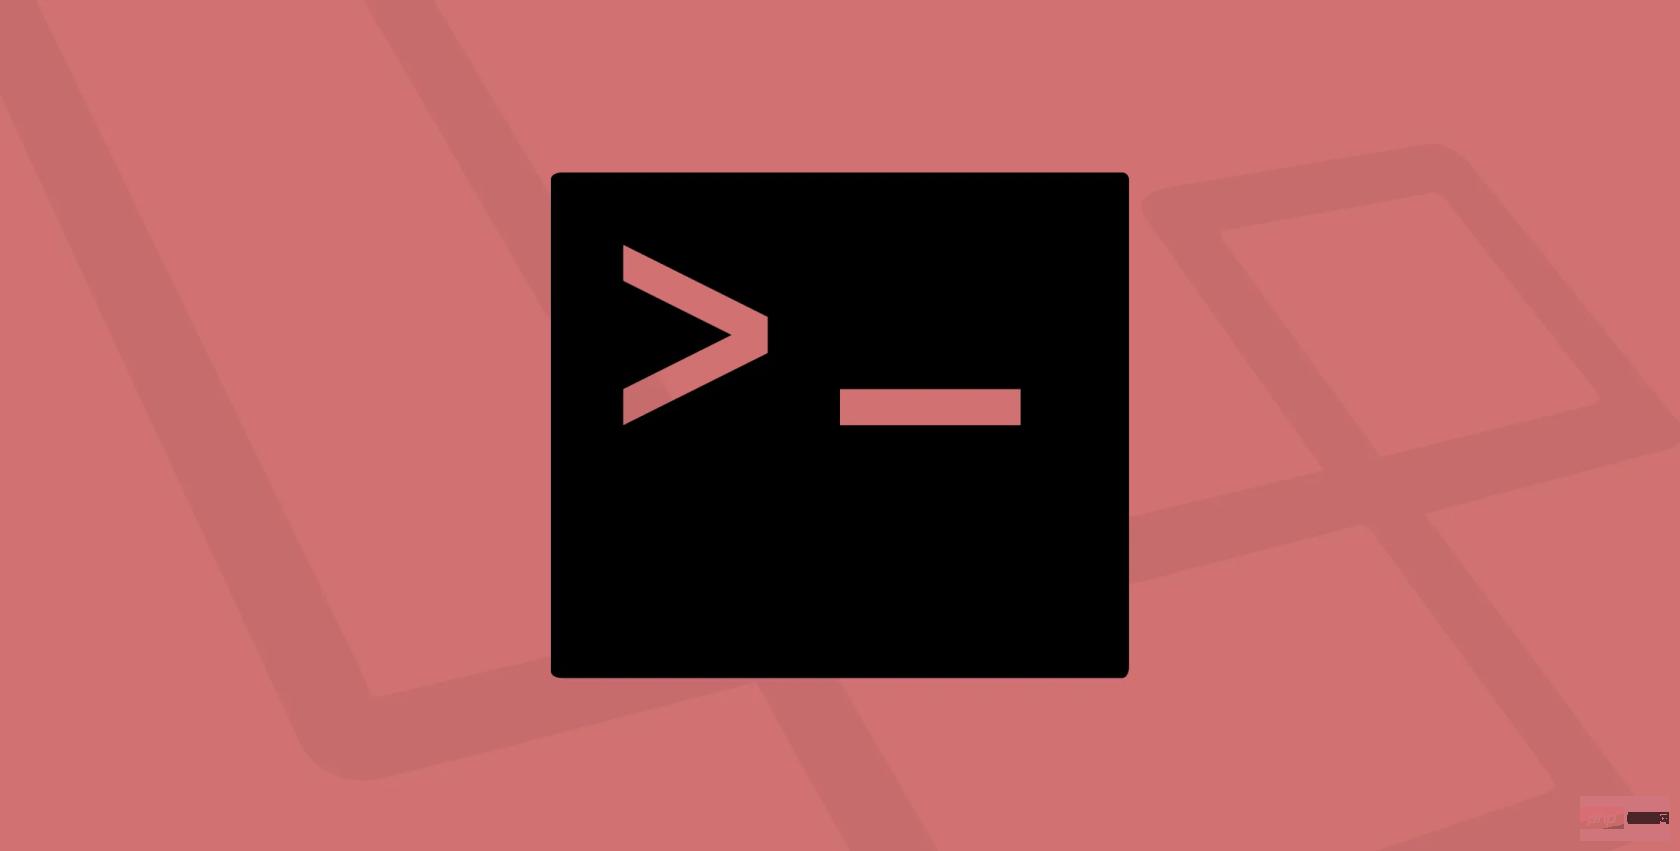 教你装置更新 Laravel 装置器_PHP开发框架教程